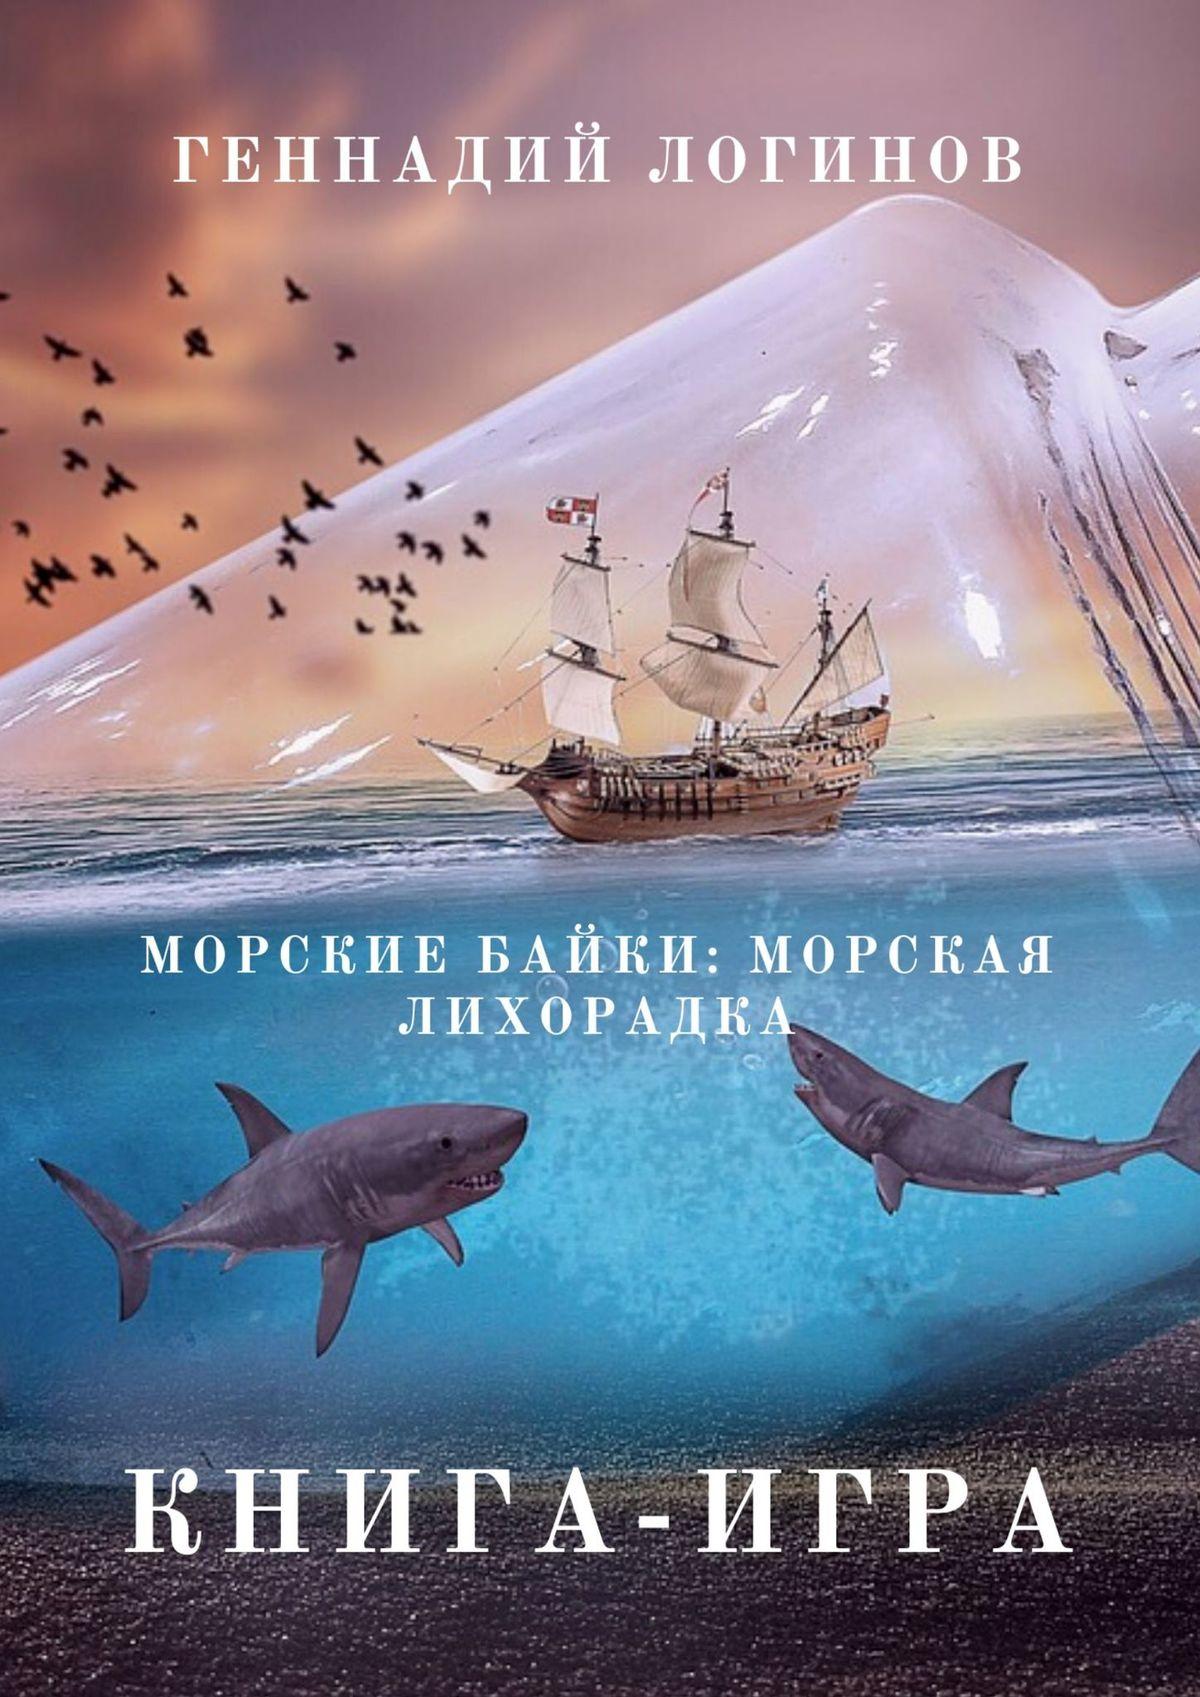 Геннадий Логинов Морская лихорадка. Интерактивный роман